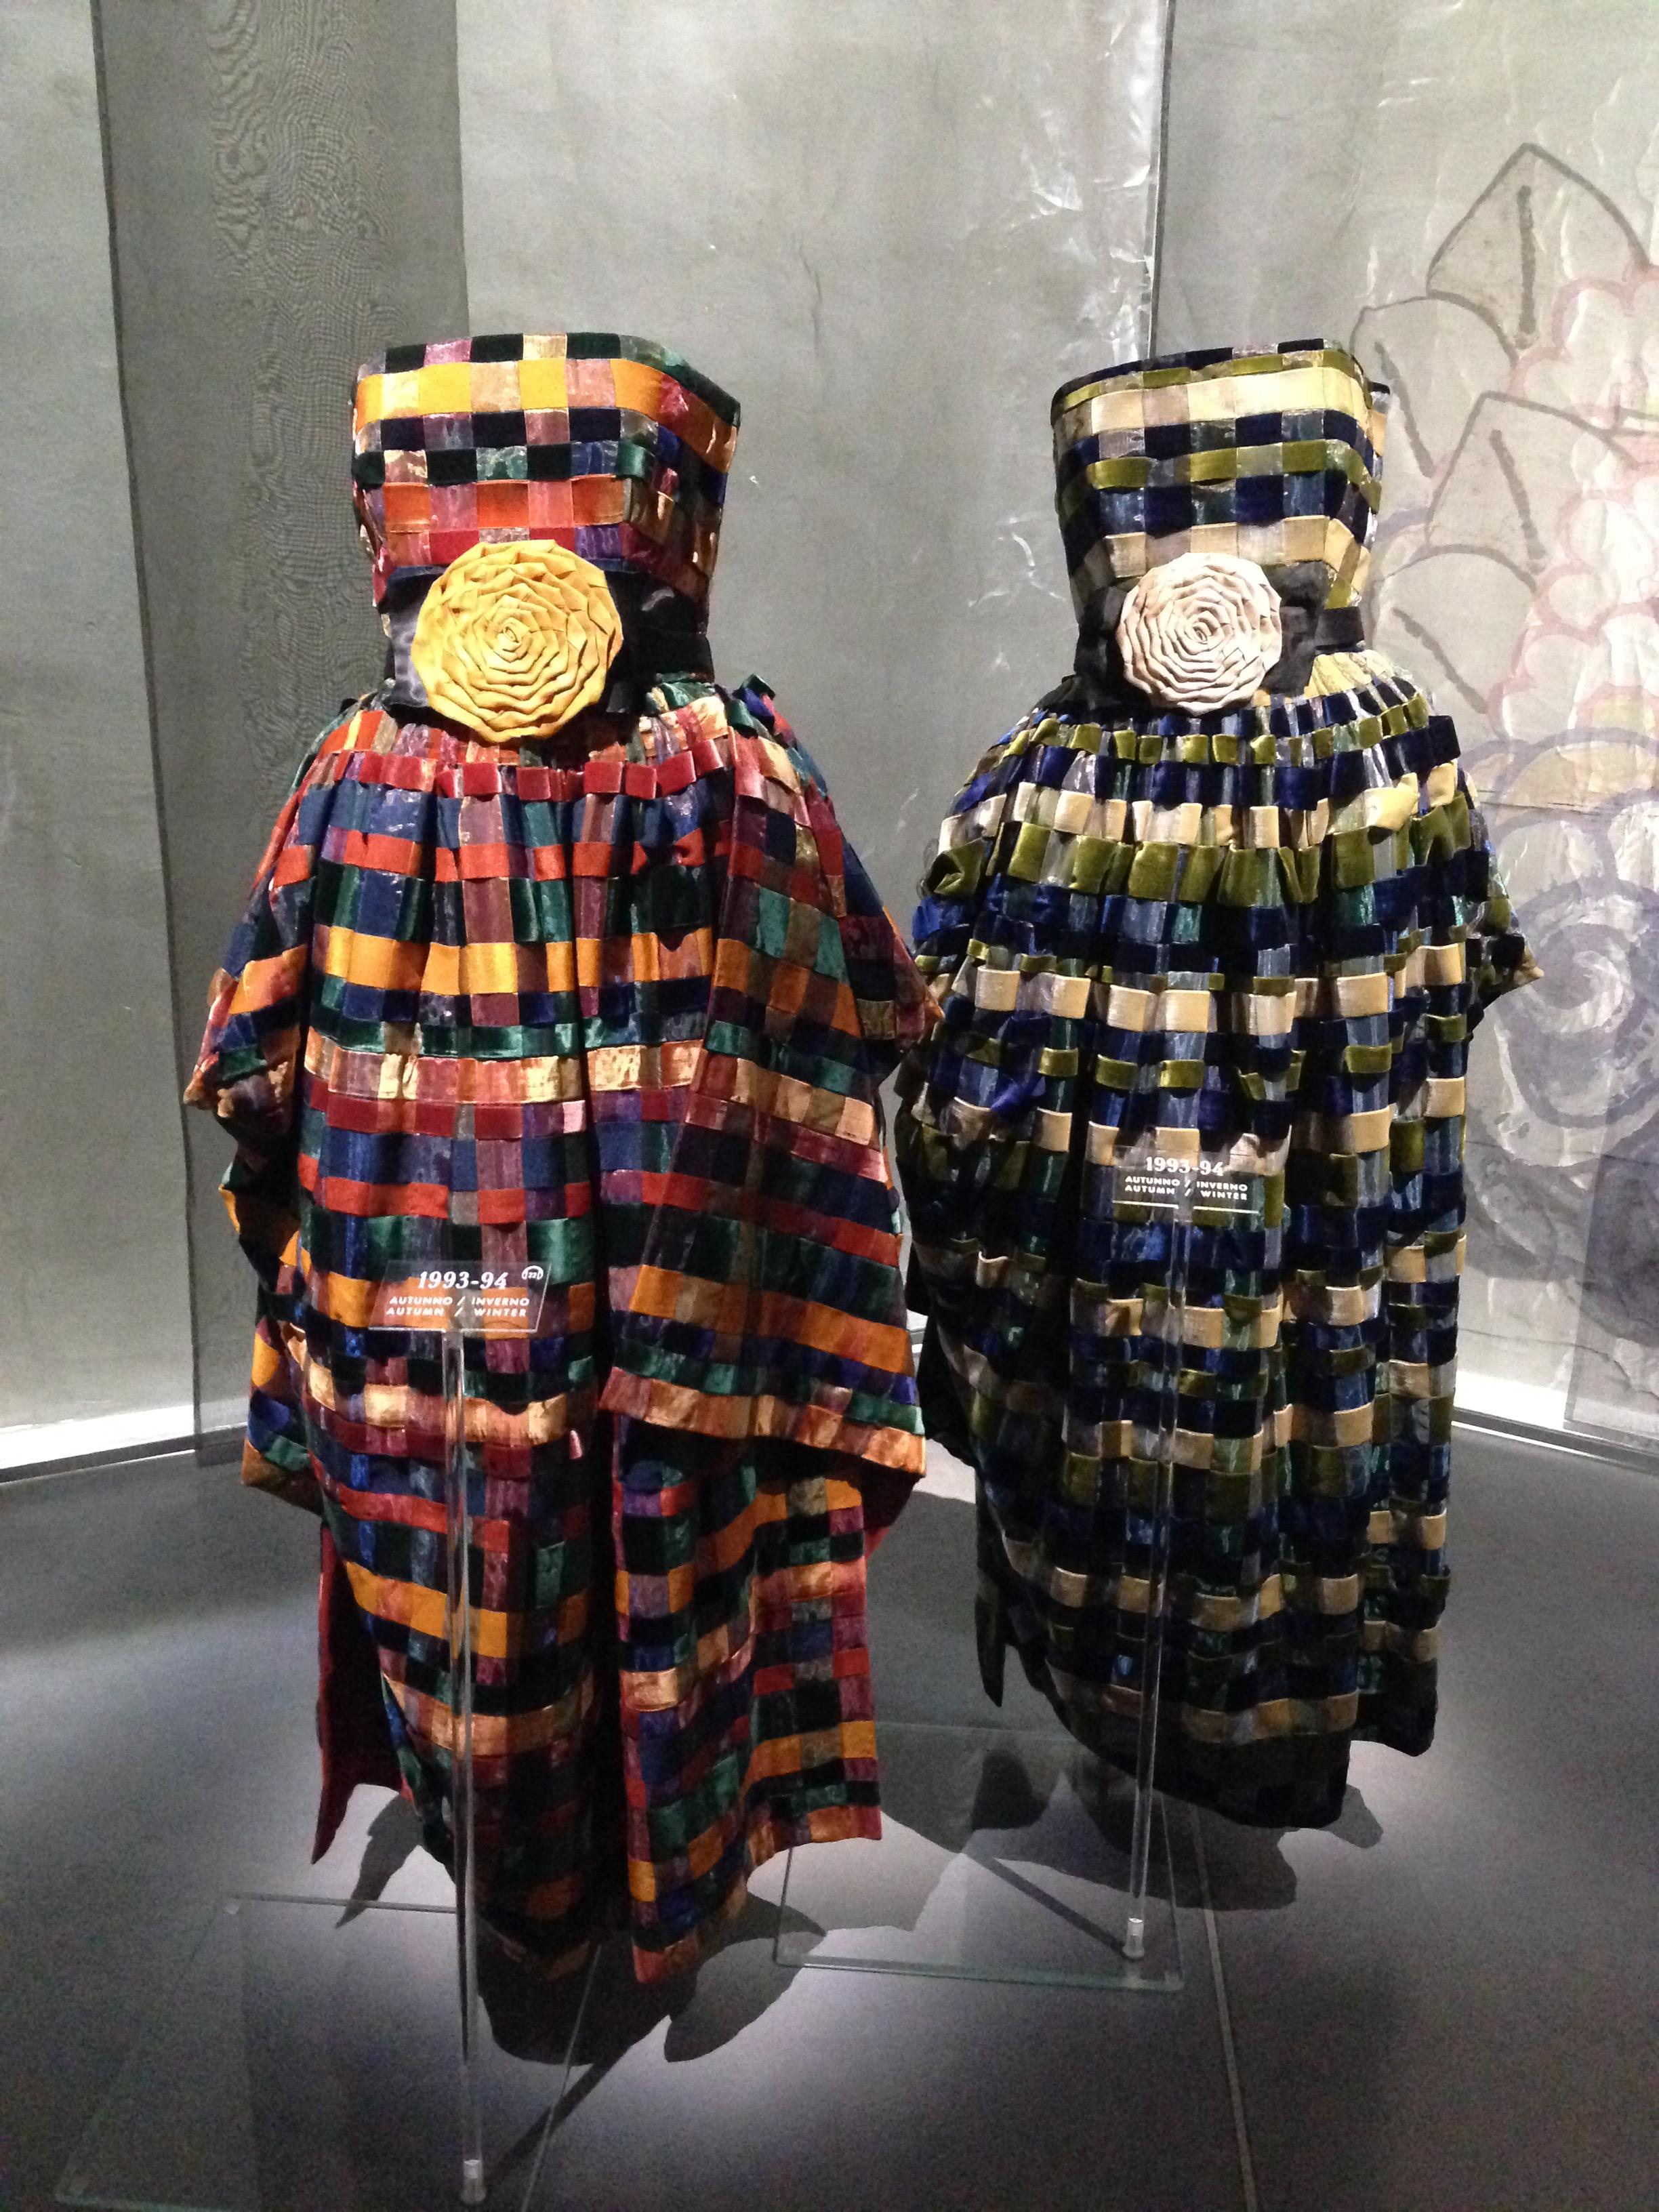 Armani Silos 118 – Valepercolore Giorgio Armani